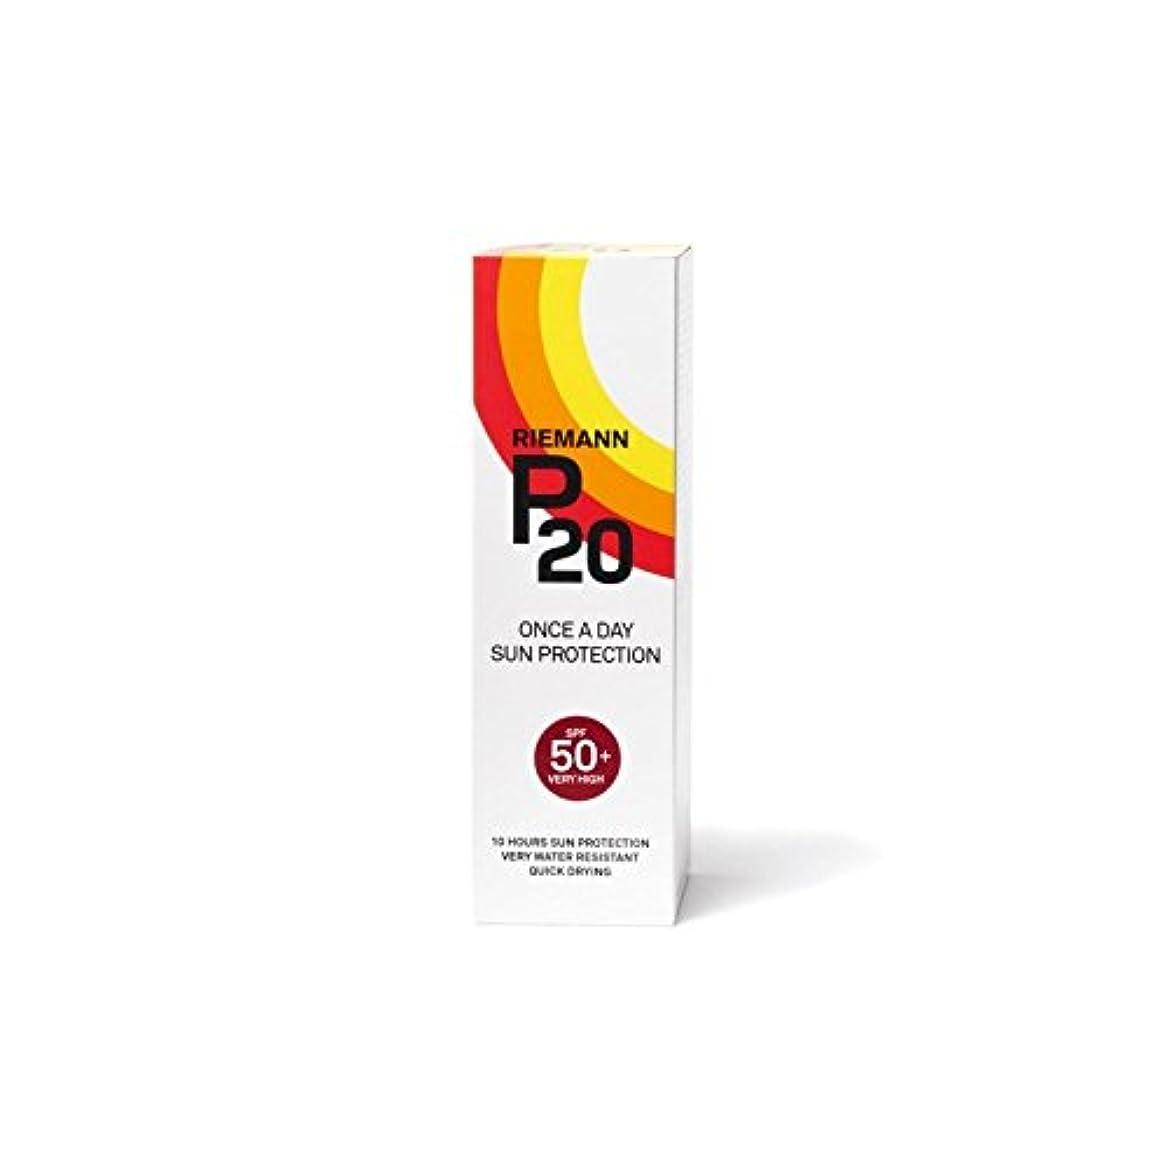 ベルウミウシ加速するリーマン20太陽フィルター100ミリリットルの50 + x4 - Riemann P20 Sun Filter 100ml SPF50+ (Pack of 4) [並行輸入品]